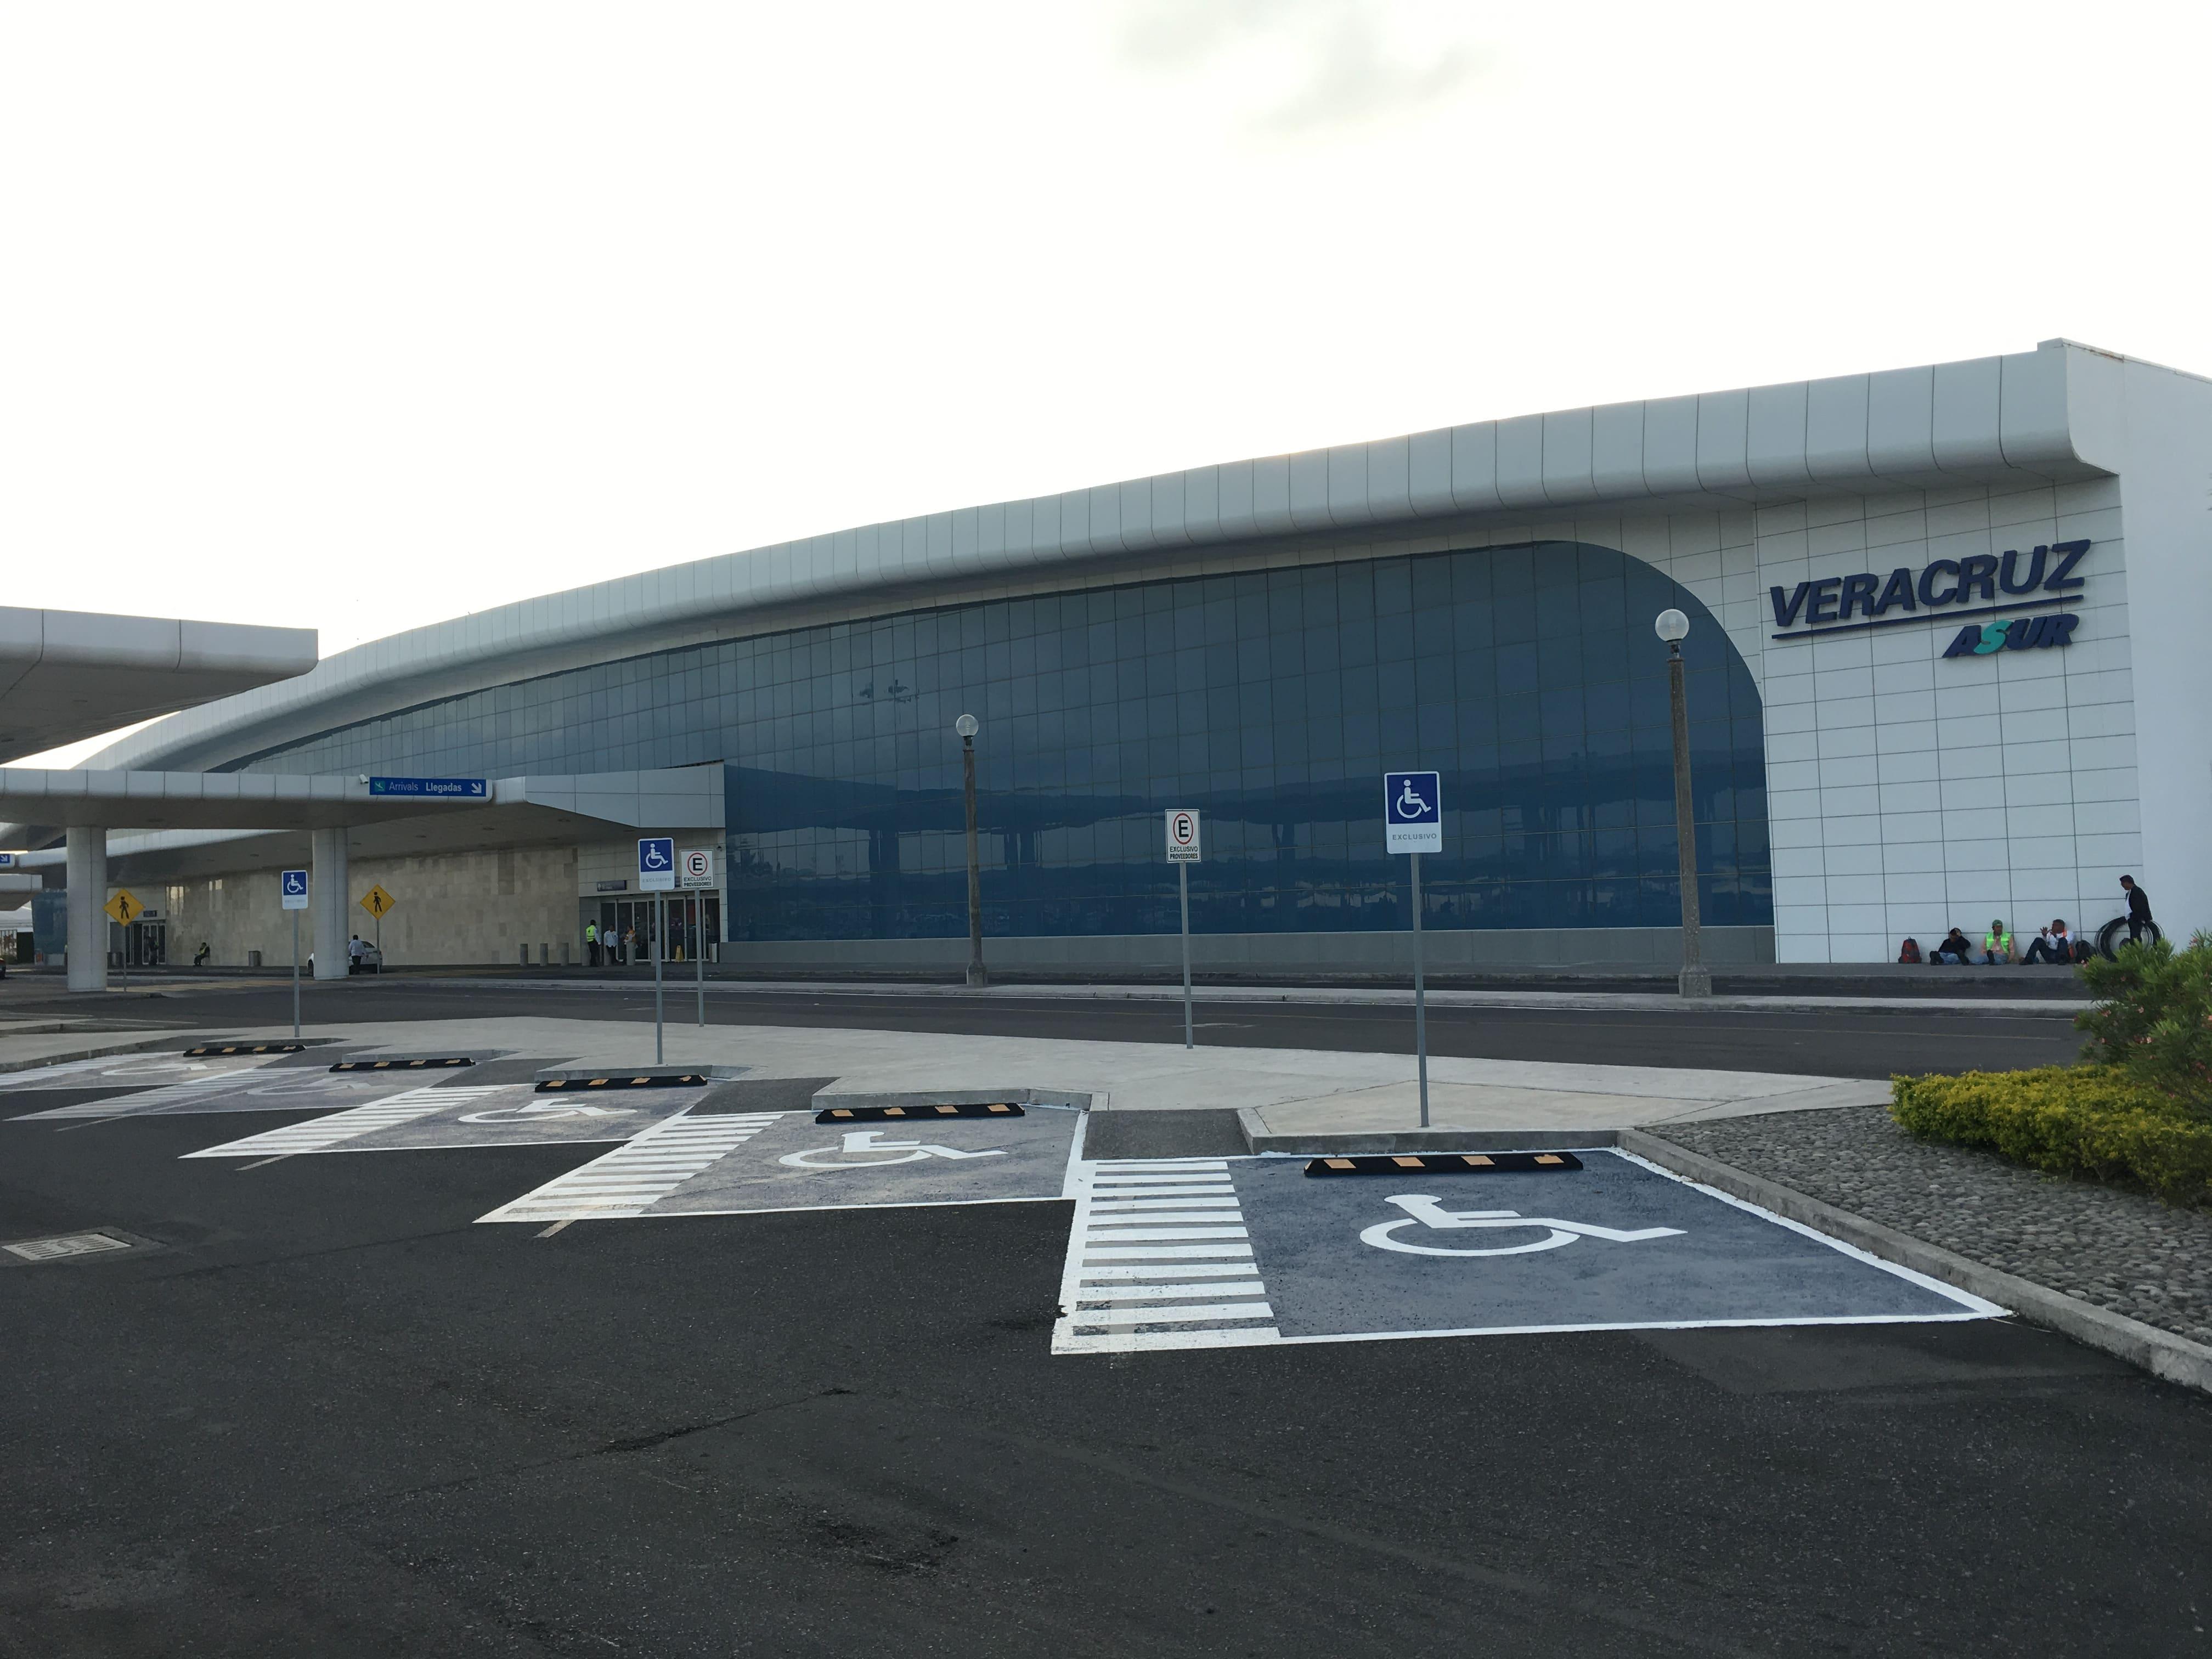 Aeropuertos del Sureste